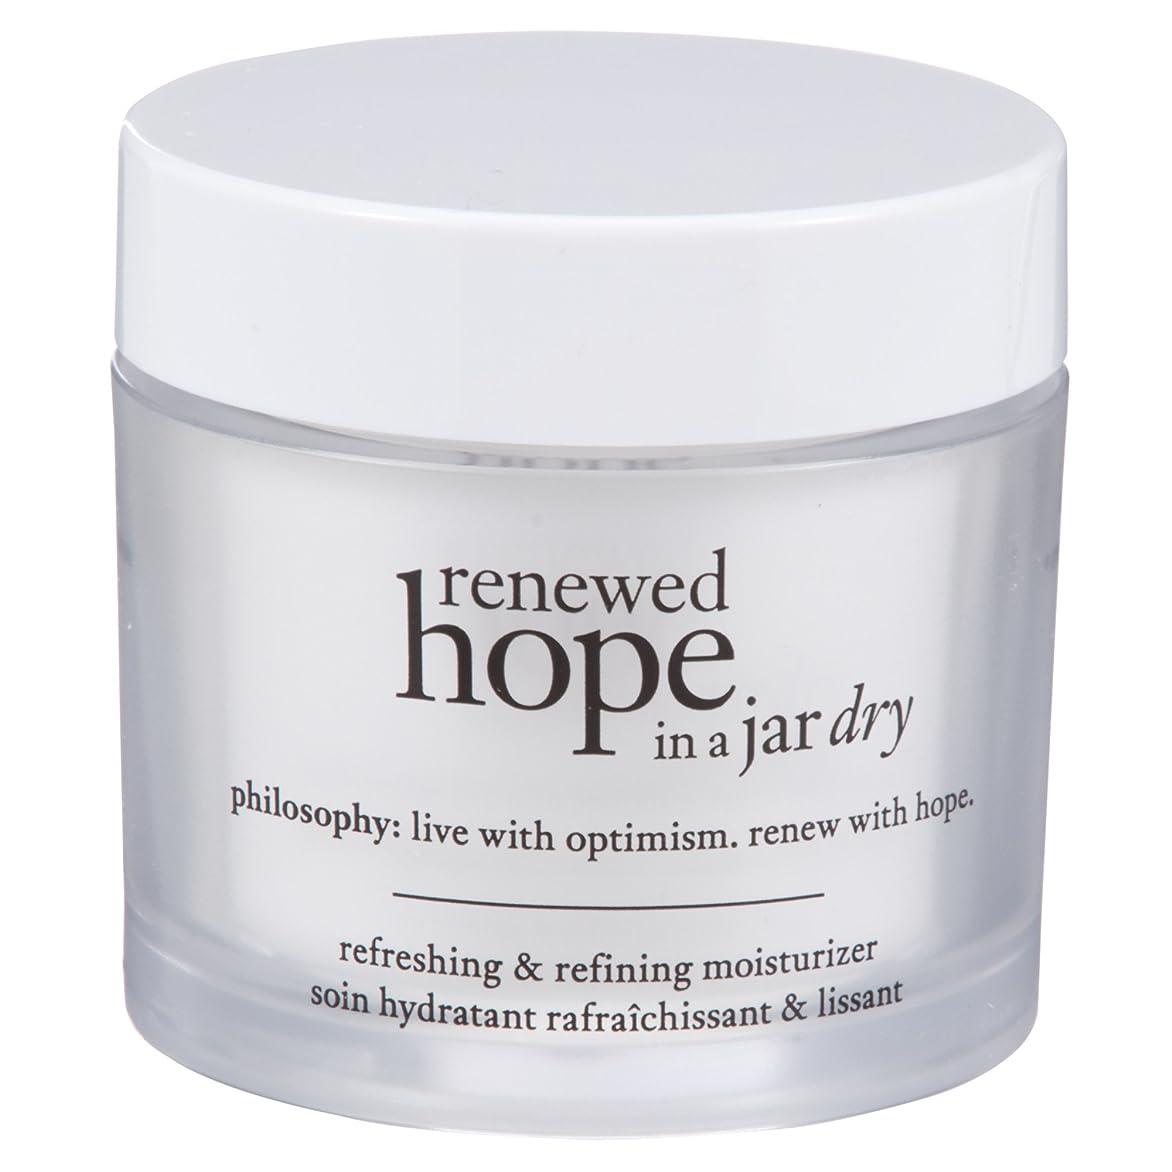 適性に頼る軽蔑瓶乾燥肌の保湿60ミリリットルで哲学新たな希望 (Philosophy) (x2) - Philosophy Renewed Hope in a Jar Dry Skin Moisturiser 60ml (Pack of 2) [並行輸入品]